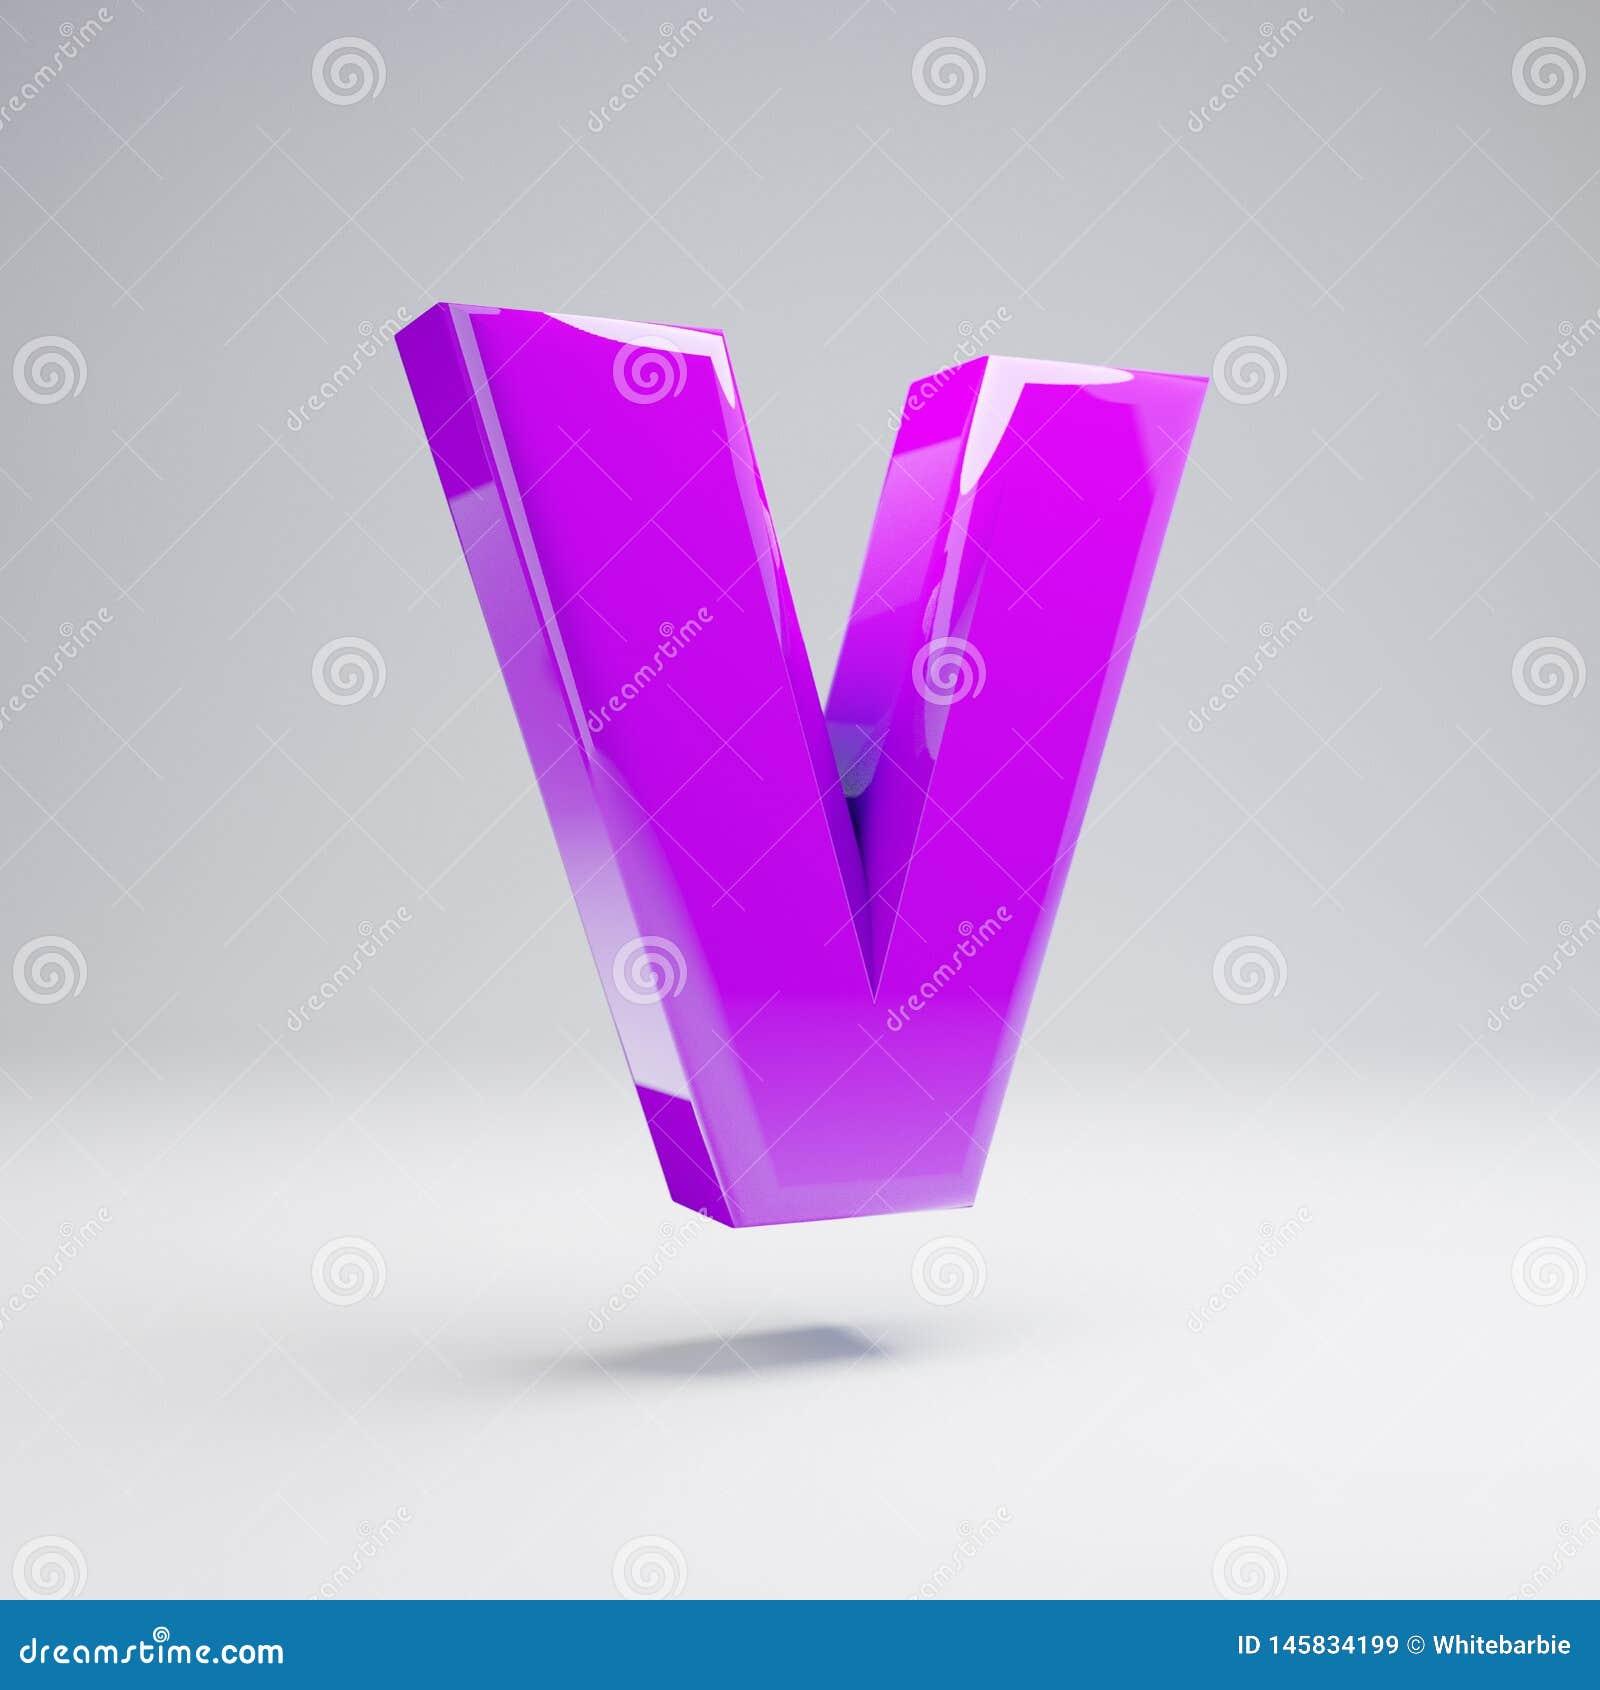 Volumetric glossy violet uppercase letter V isolated on white background